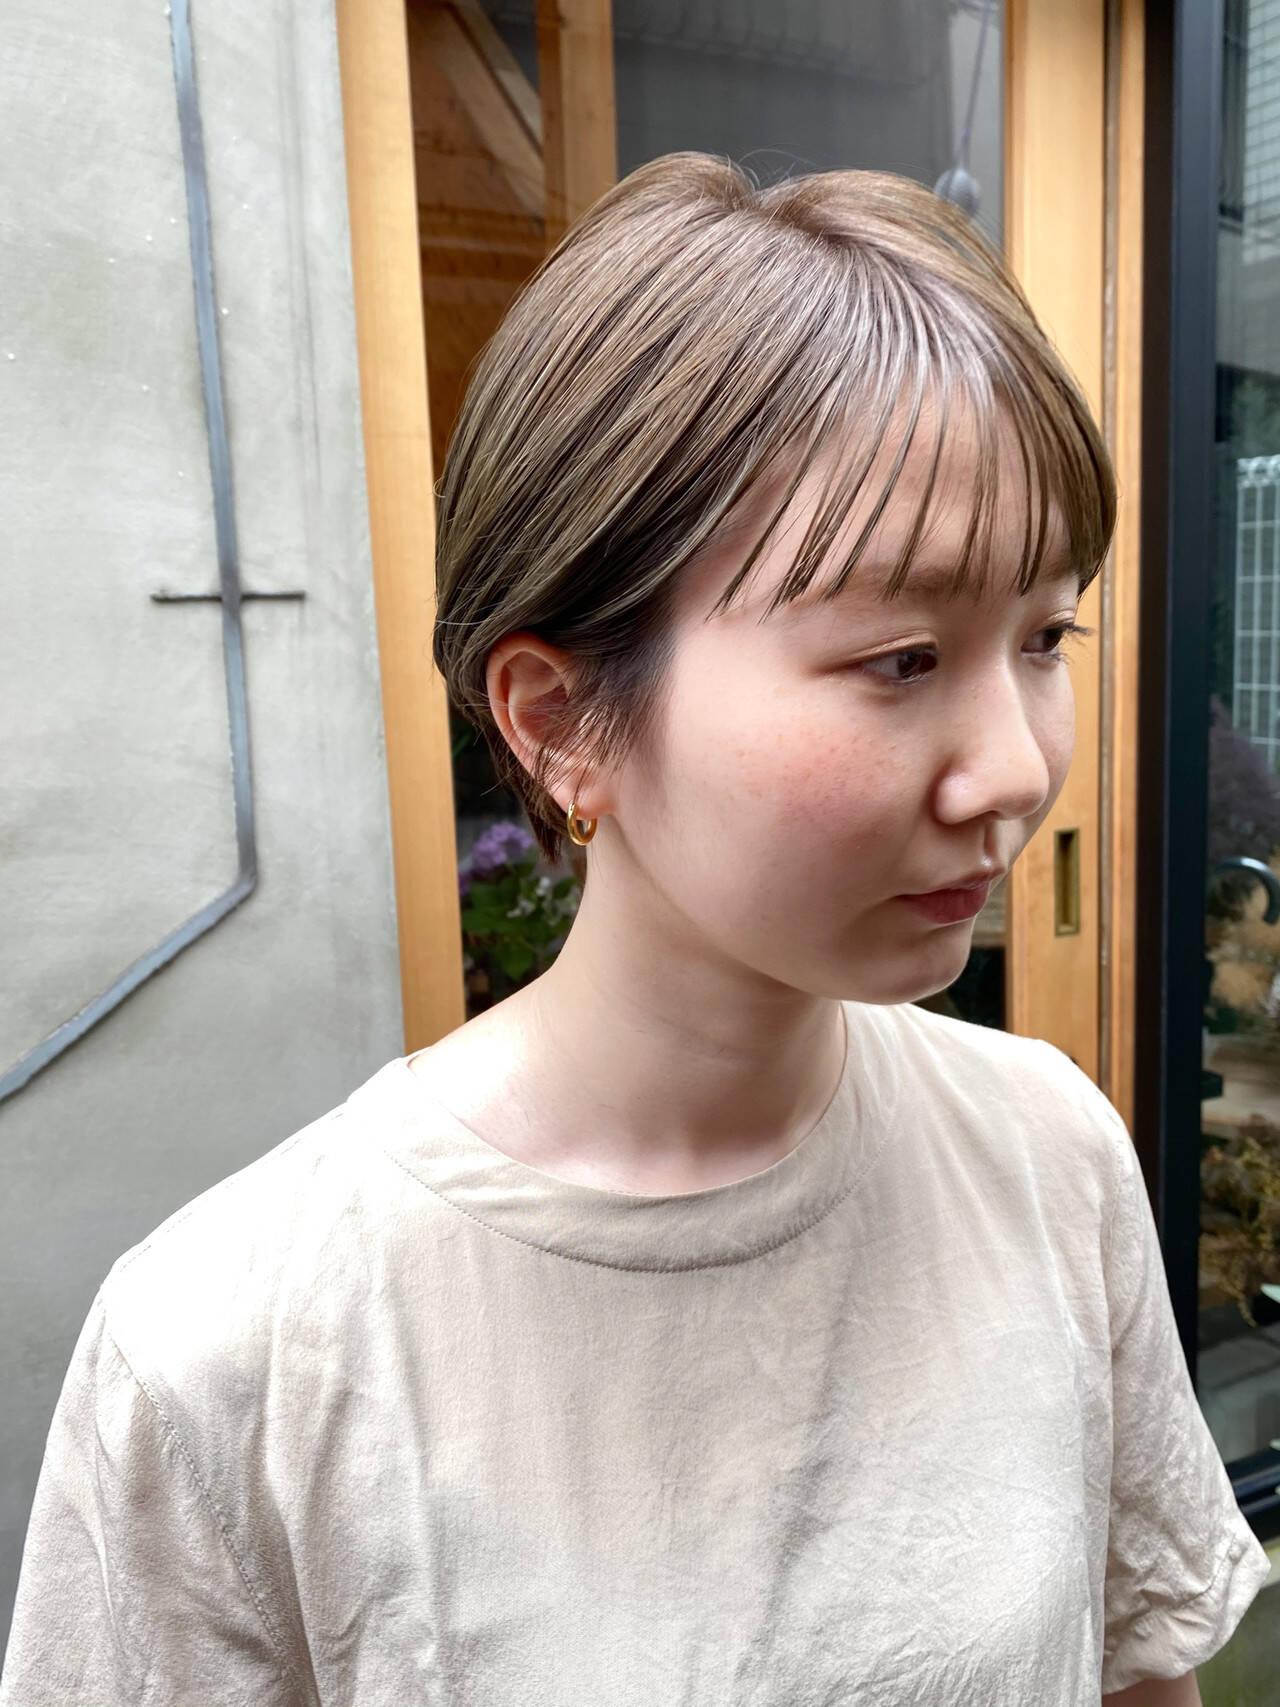 ナチュラル くすみベージュ 透明感 透明感カラーヘアスタイルや髪型の写真・画像